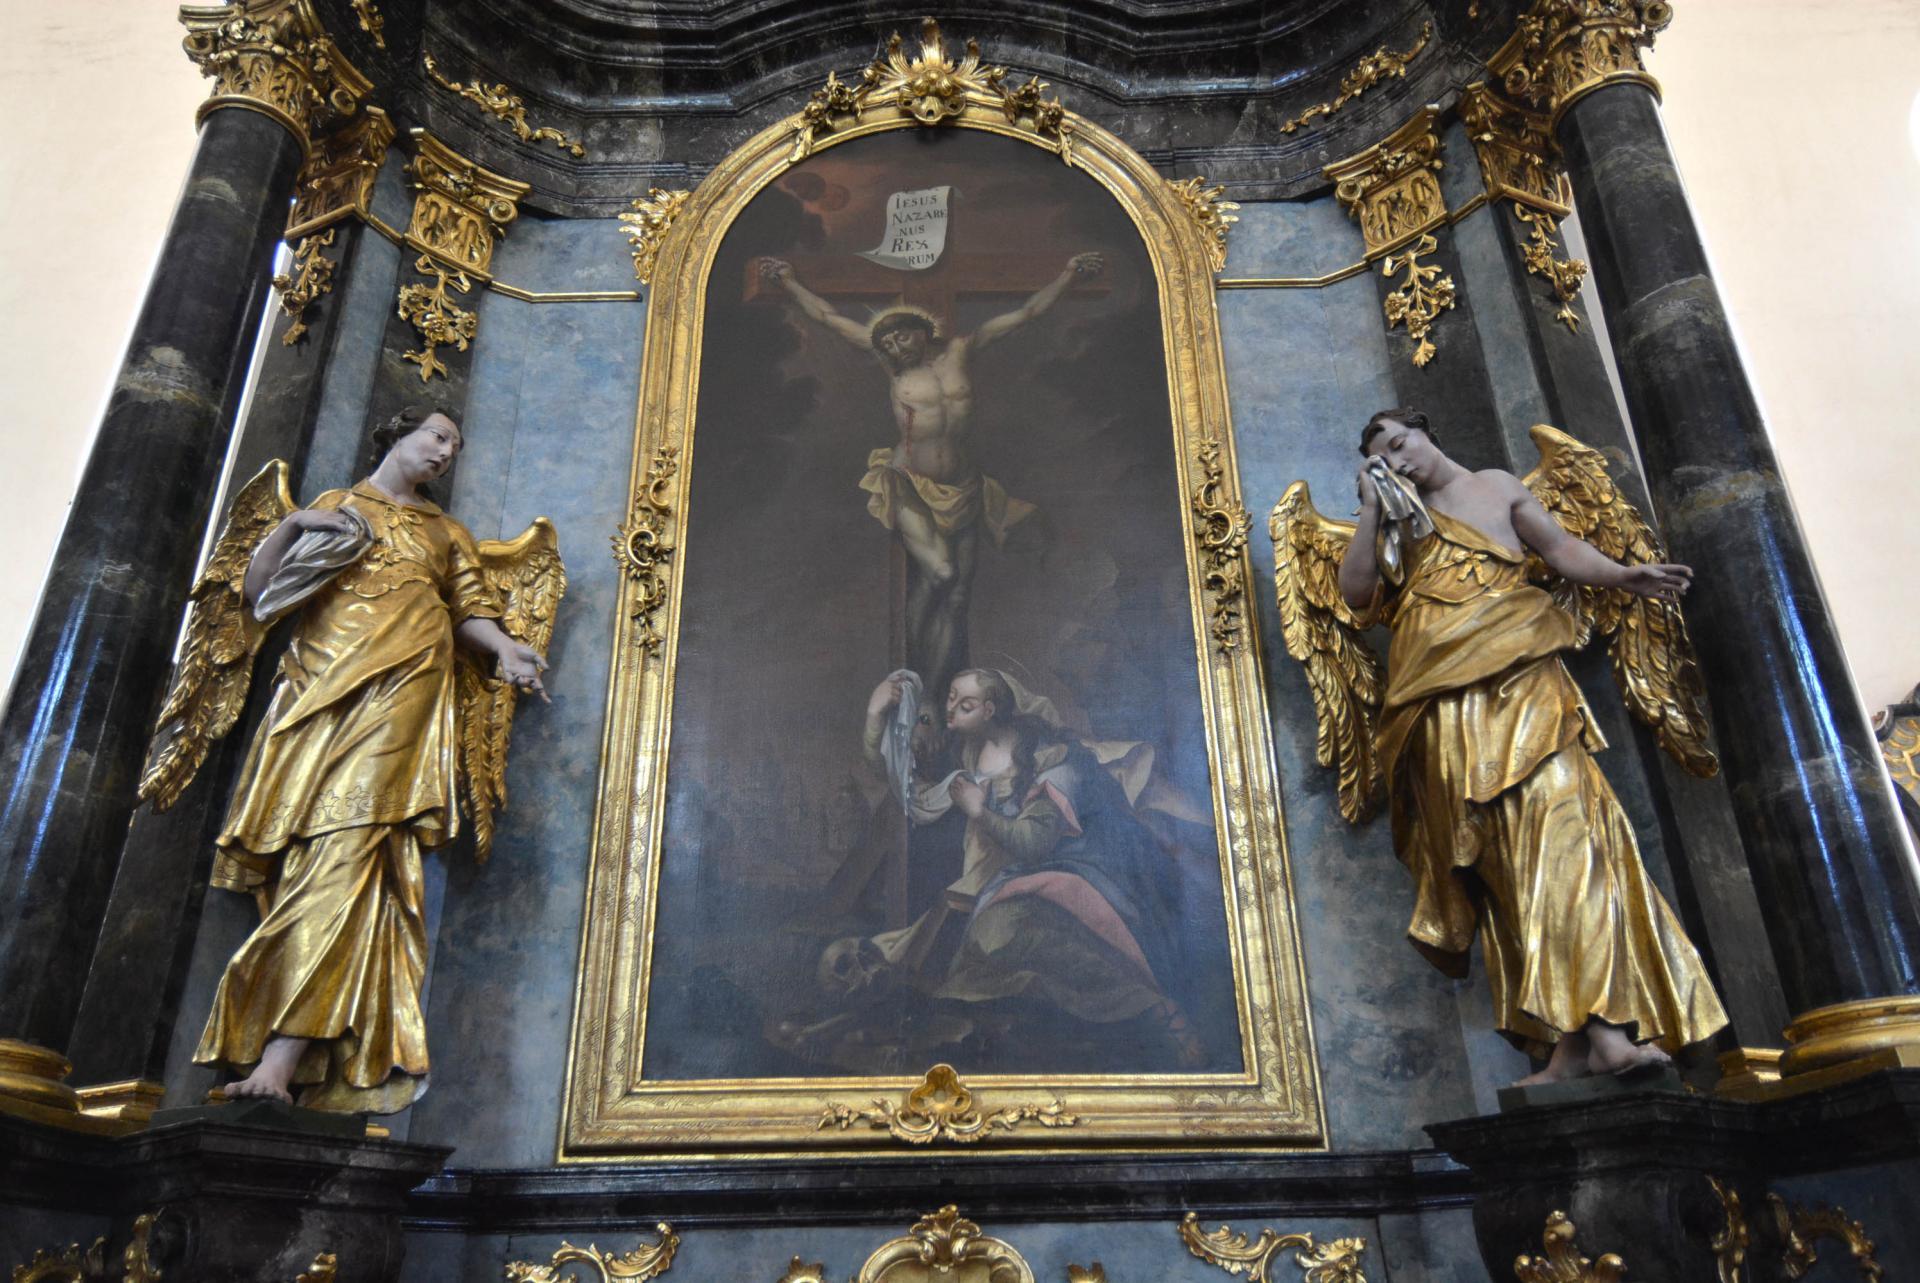 Oltár ukrižovania - stav po reštaurovaní